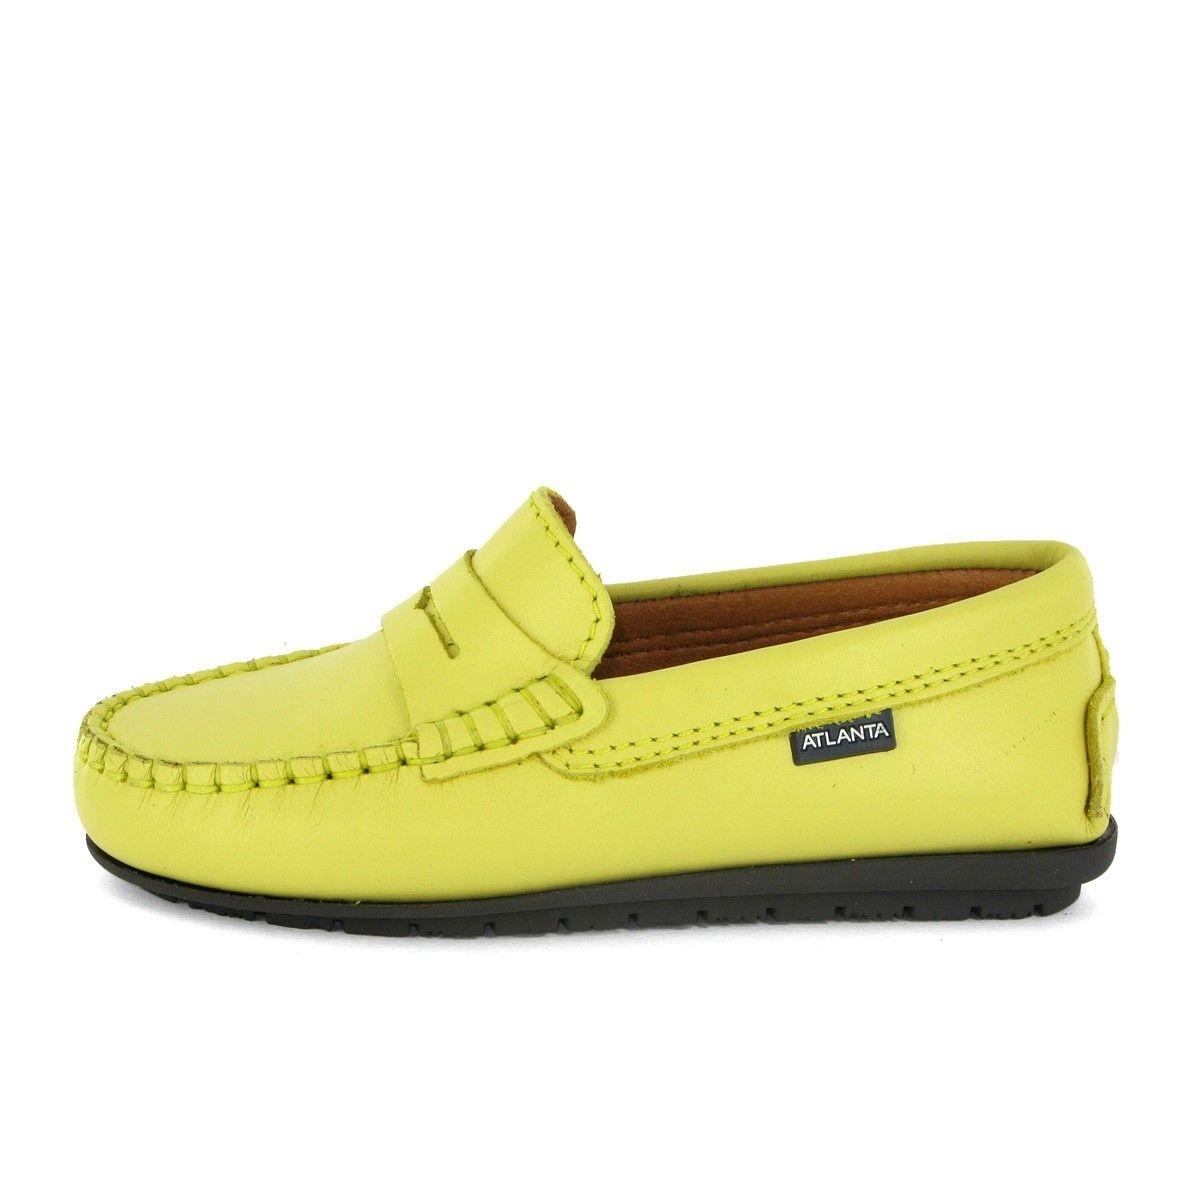 Chaussures mocassins Penny en cuir pour dames